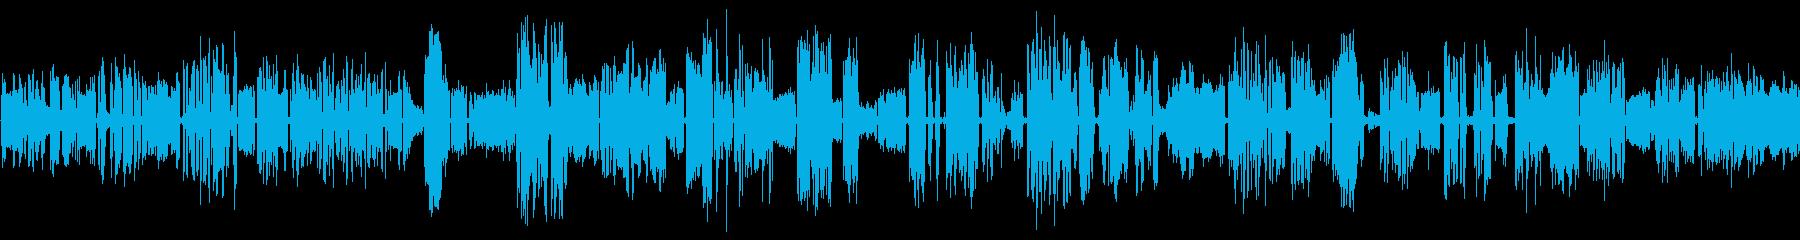 さまざまなホイッスル0-08の再生済みの波形